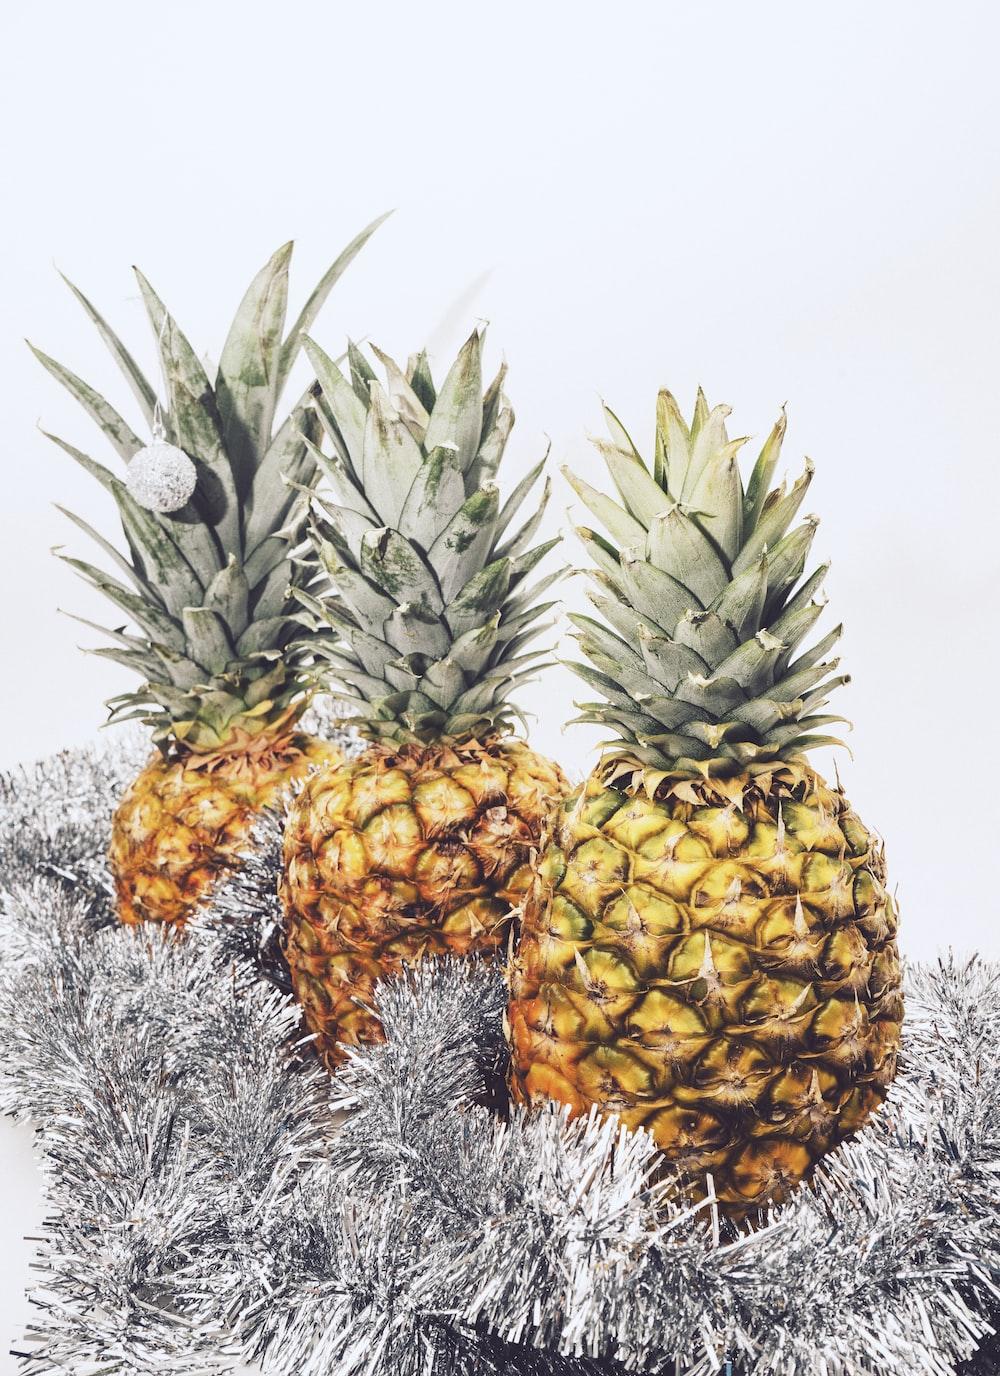 three yellow pineapple fruits